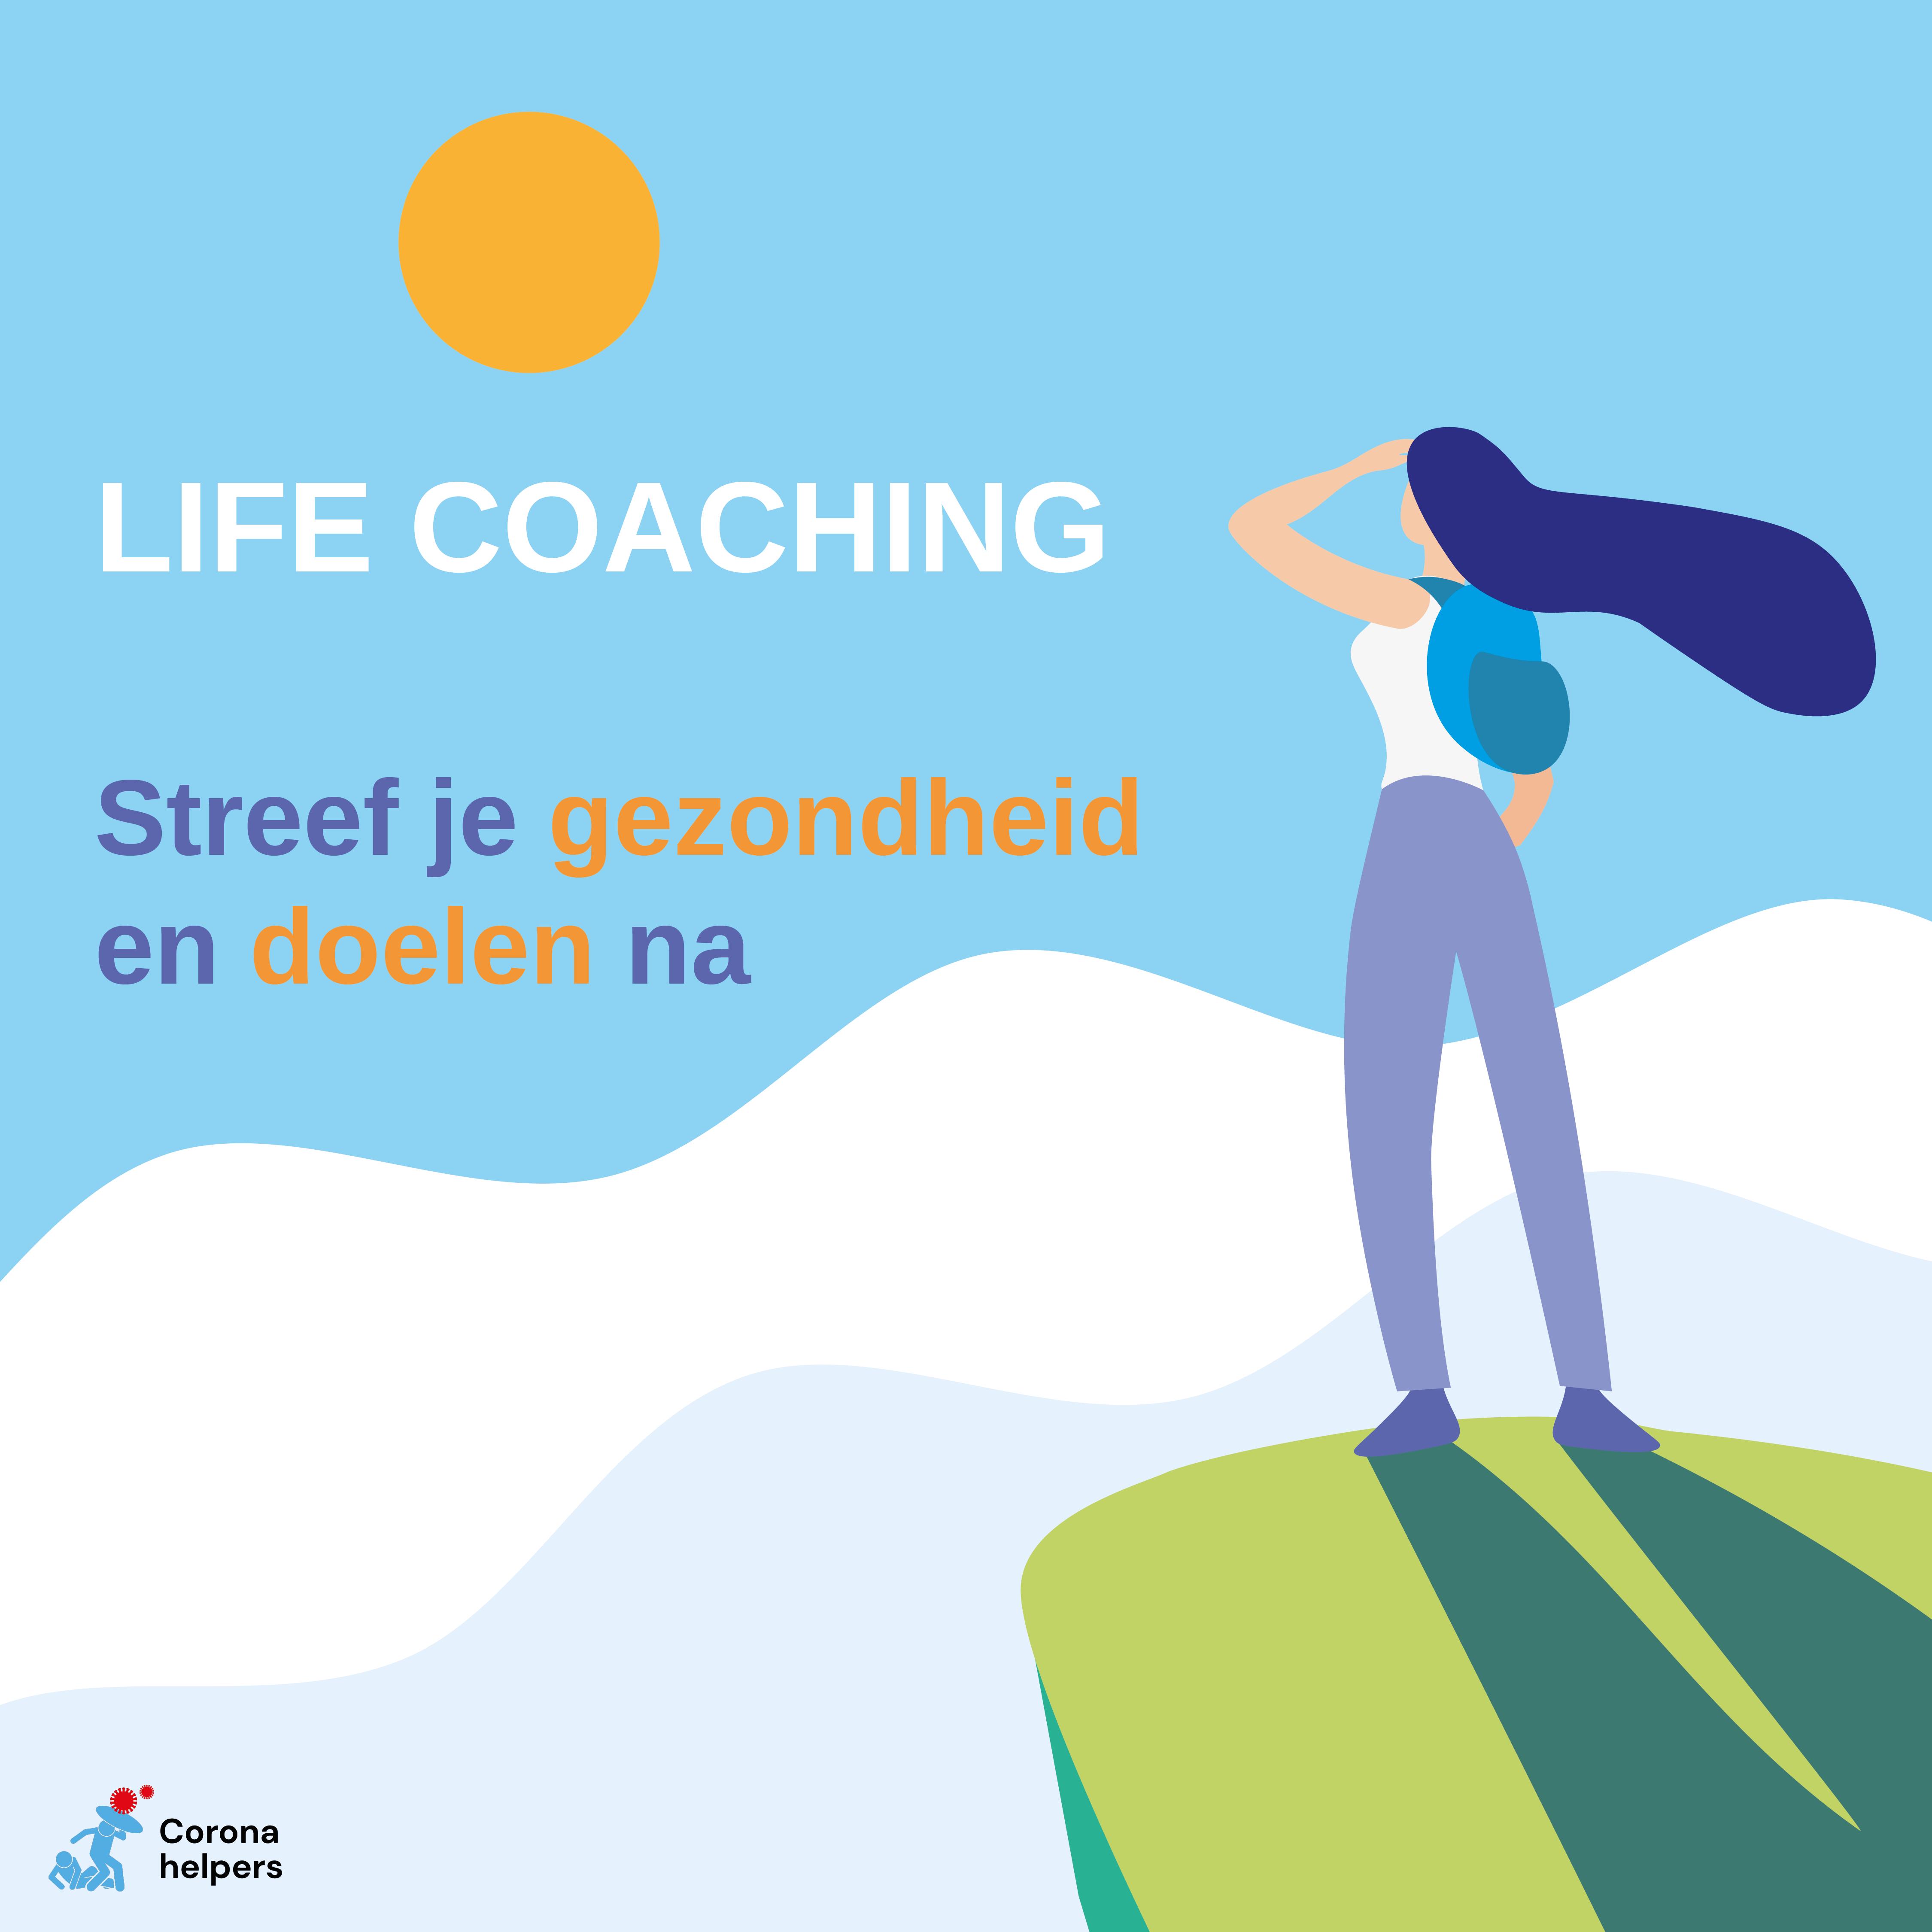 illustratie, illustratie laten maken, life coaching, the artistry, kleurrijke, tekeningen